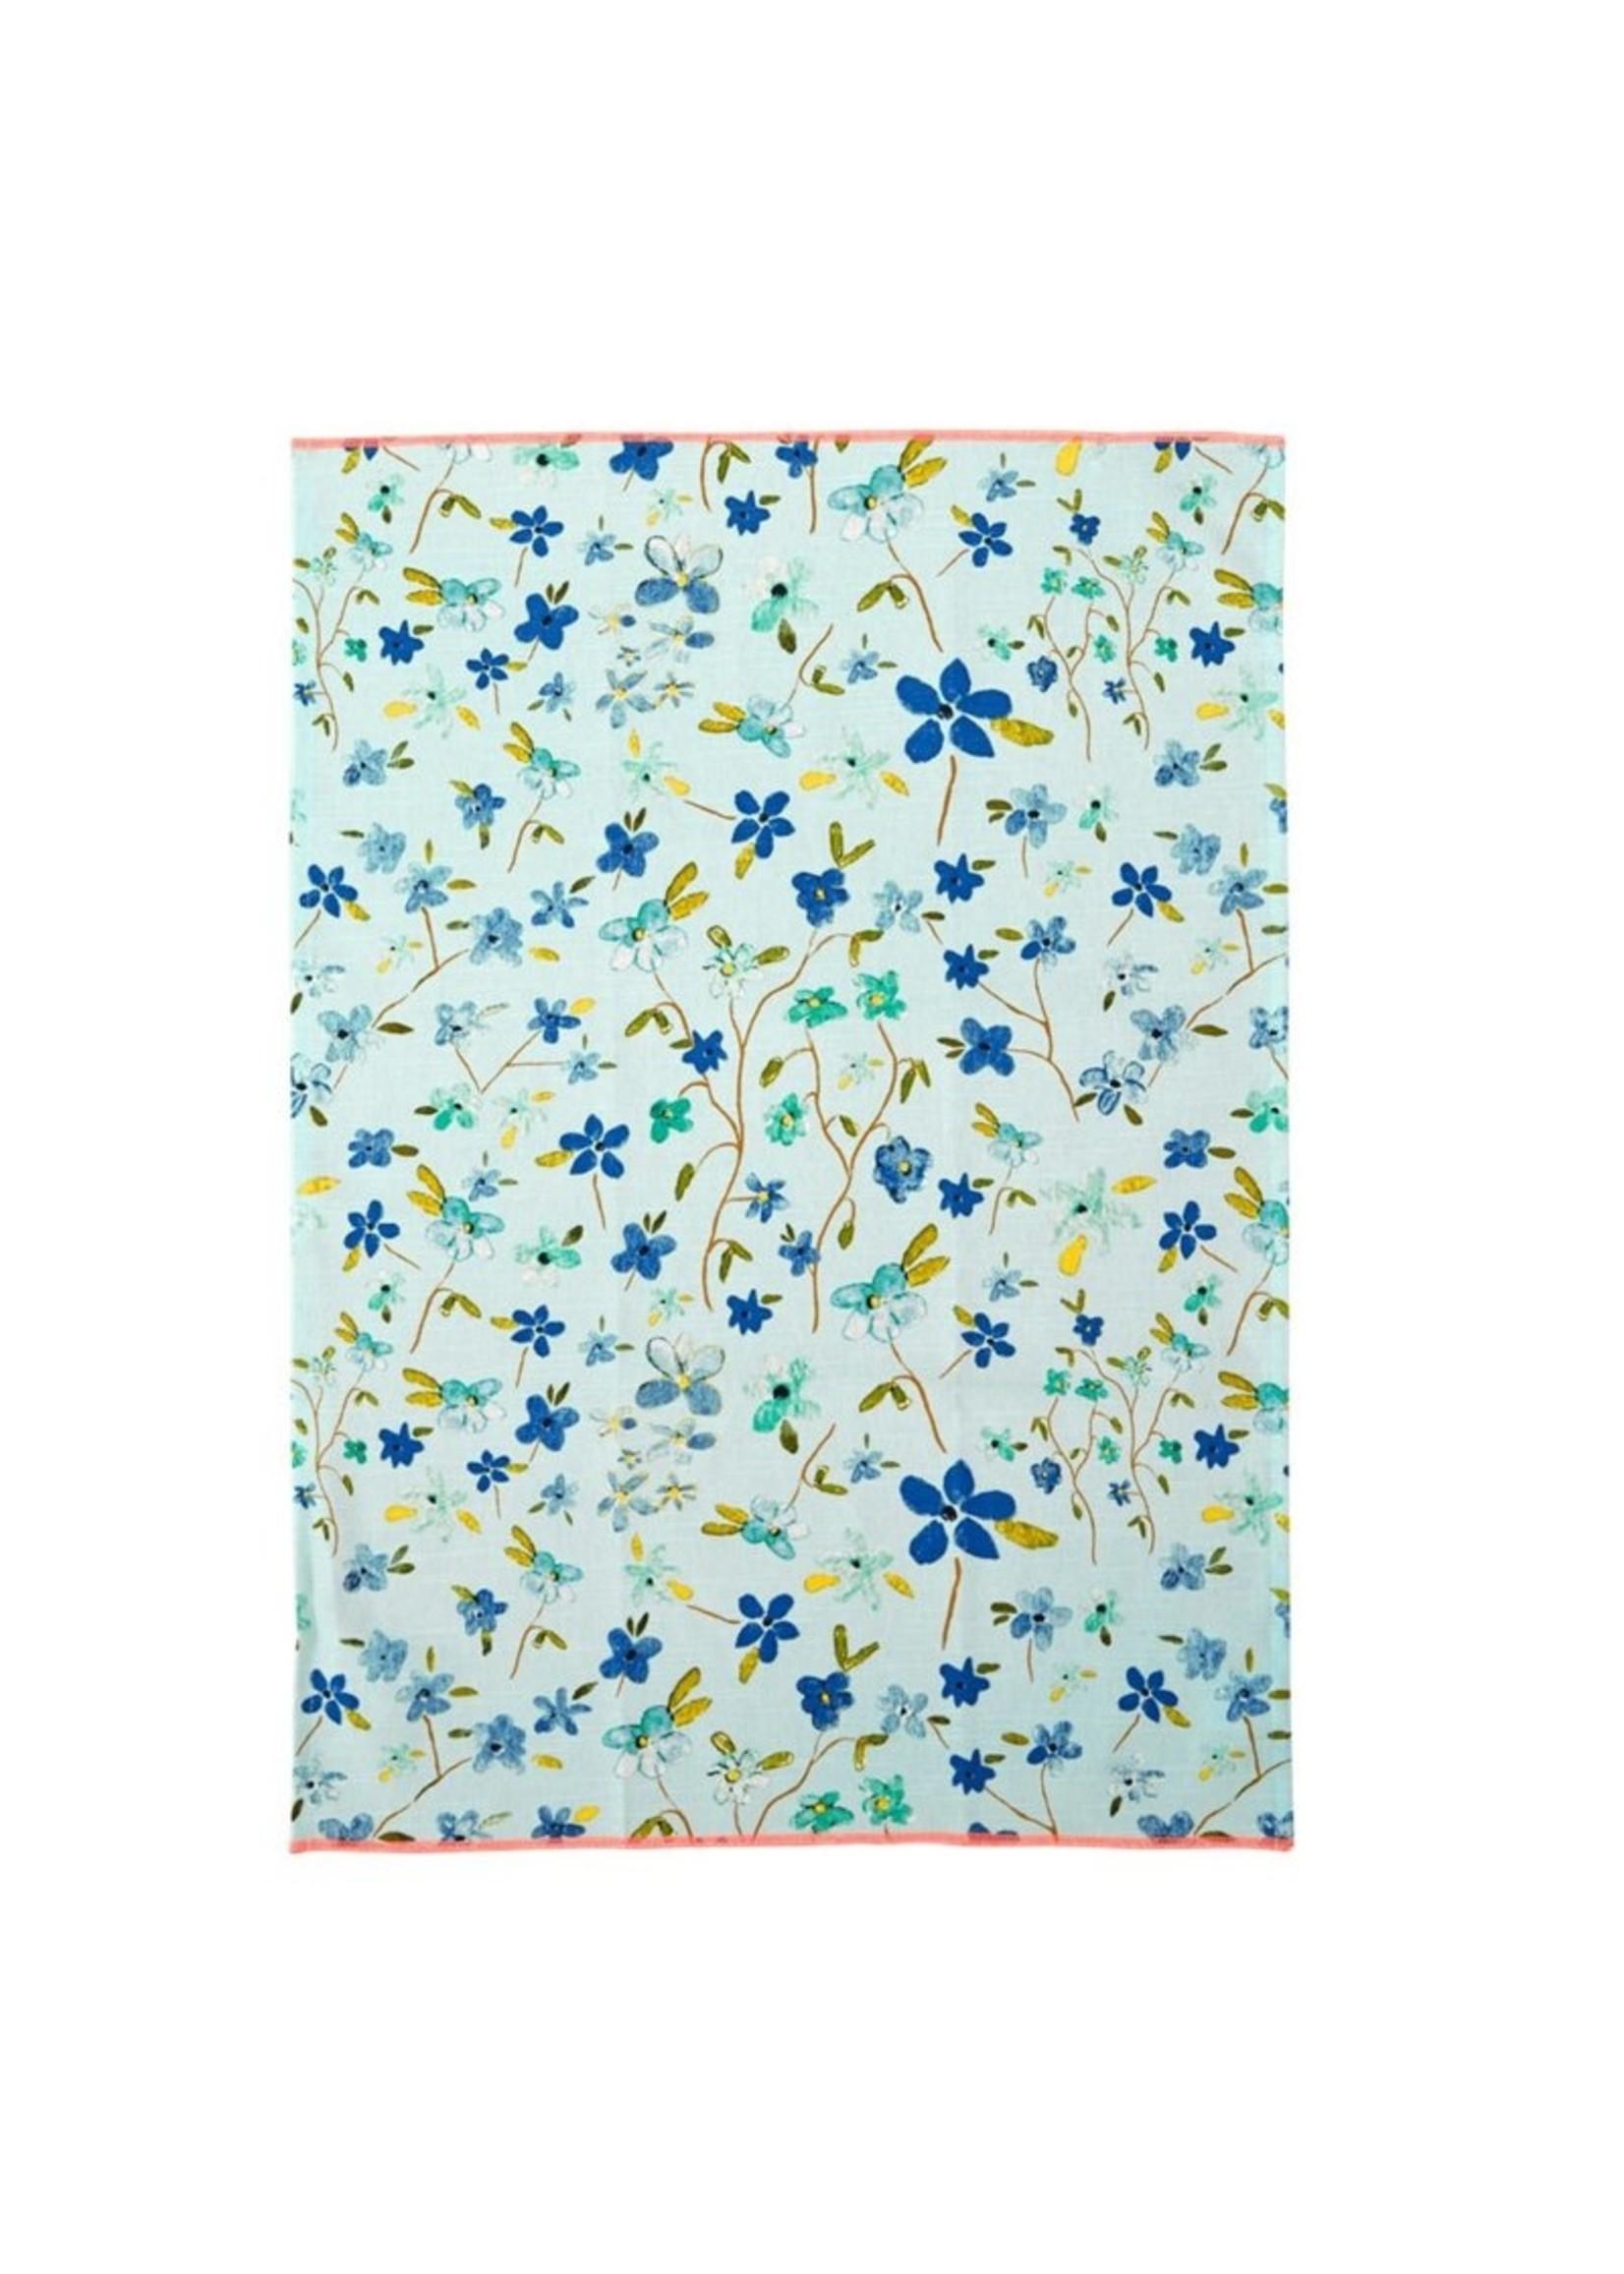 Rice Theedoek blauwe bloemen